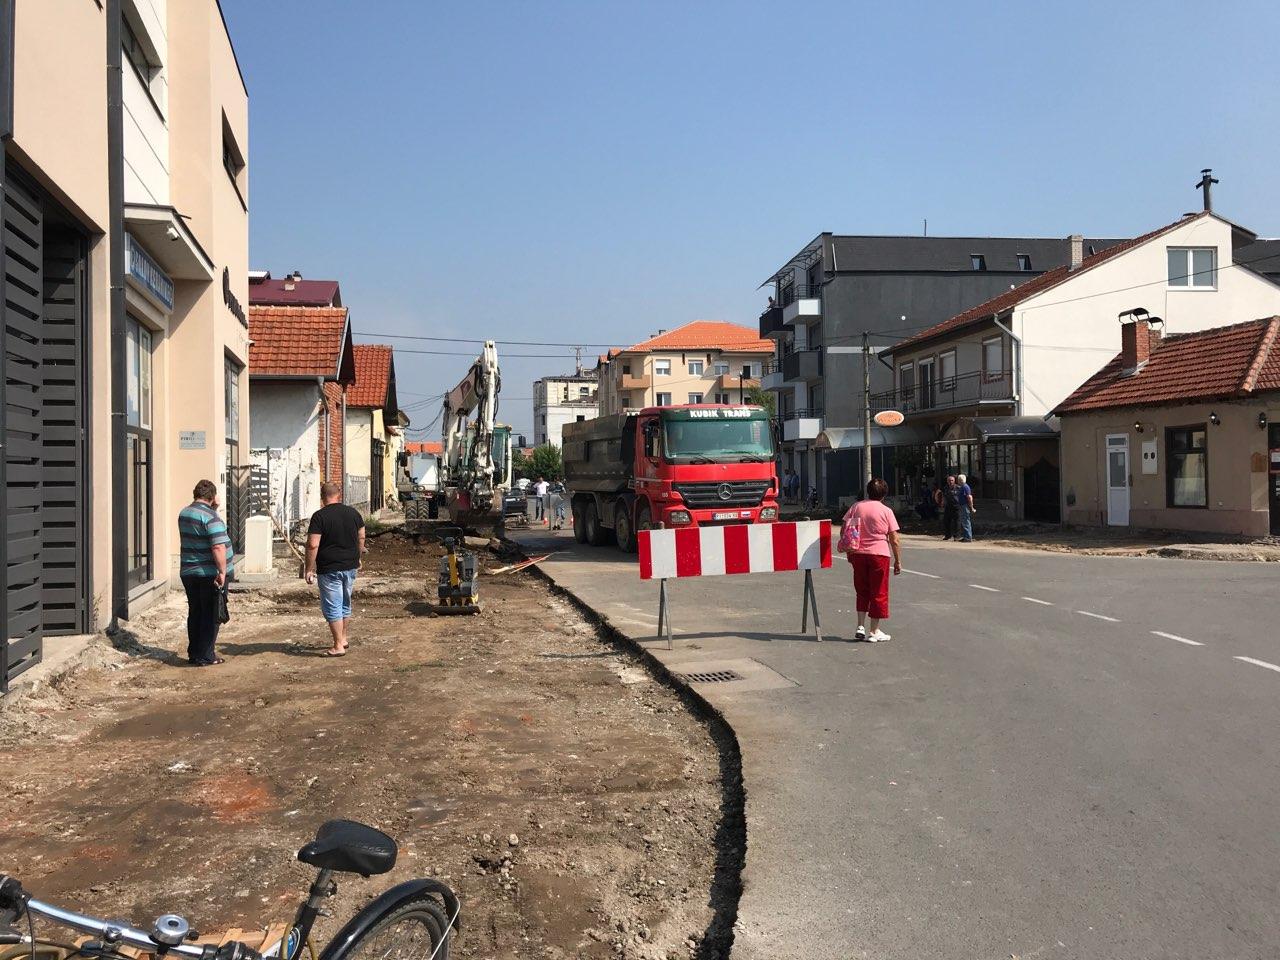 Photo of Počelo uređenje trotoara u Ulici Vuka Pantelića. Radiće se pešačke i biciklističke staze, regulisati parkiranje